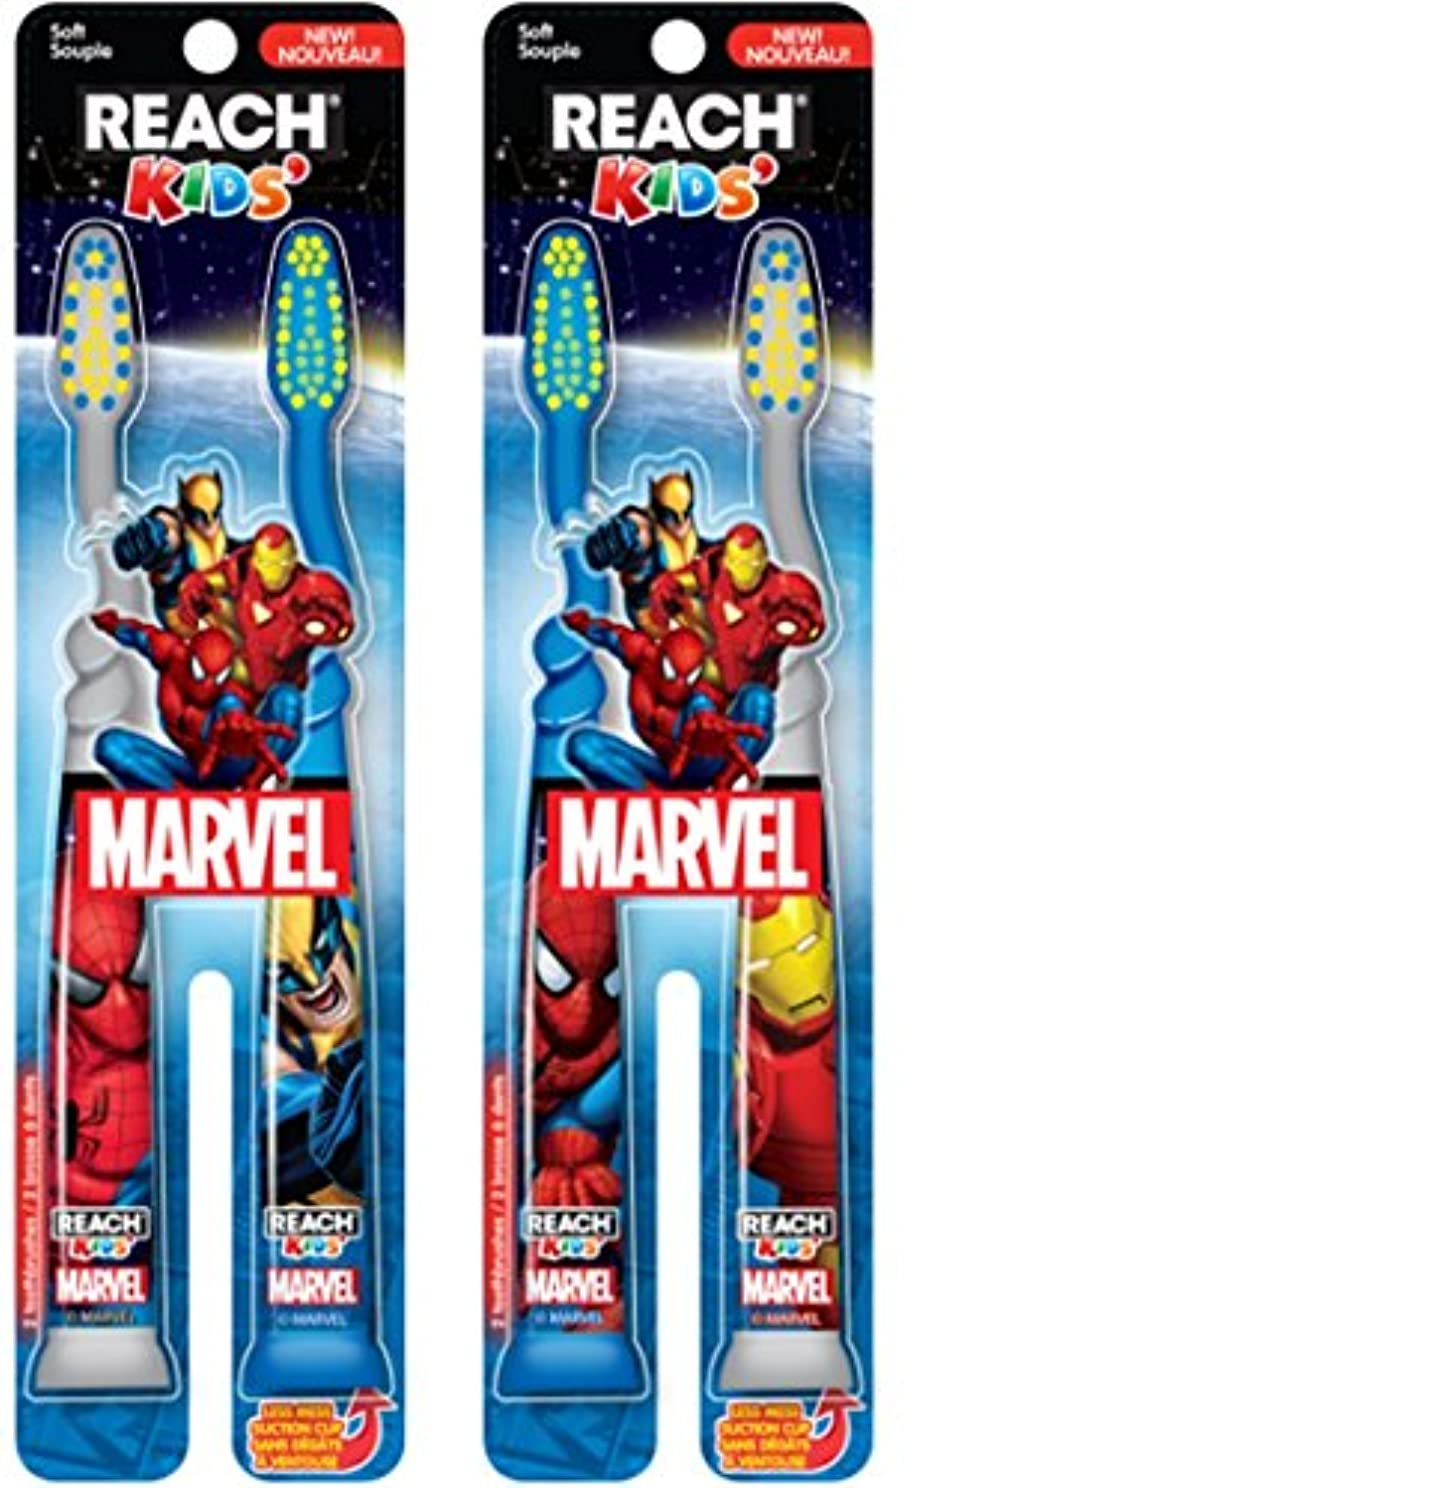 マウンド整理する名声Reach Kids Mavel Soft Toothbrush, 2 Count by Reach